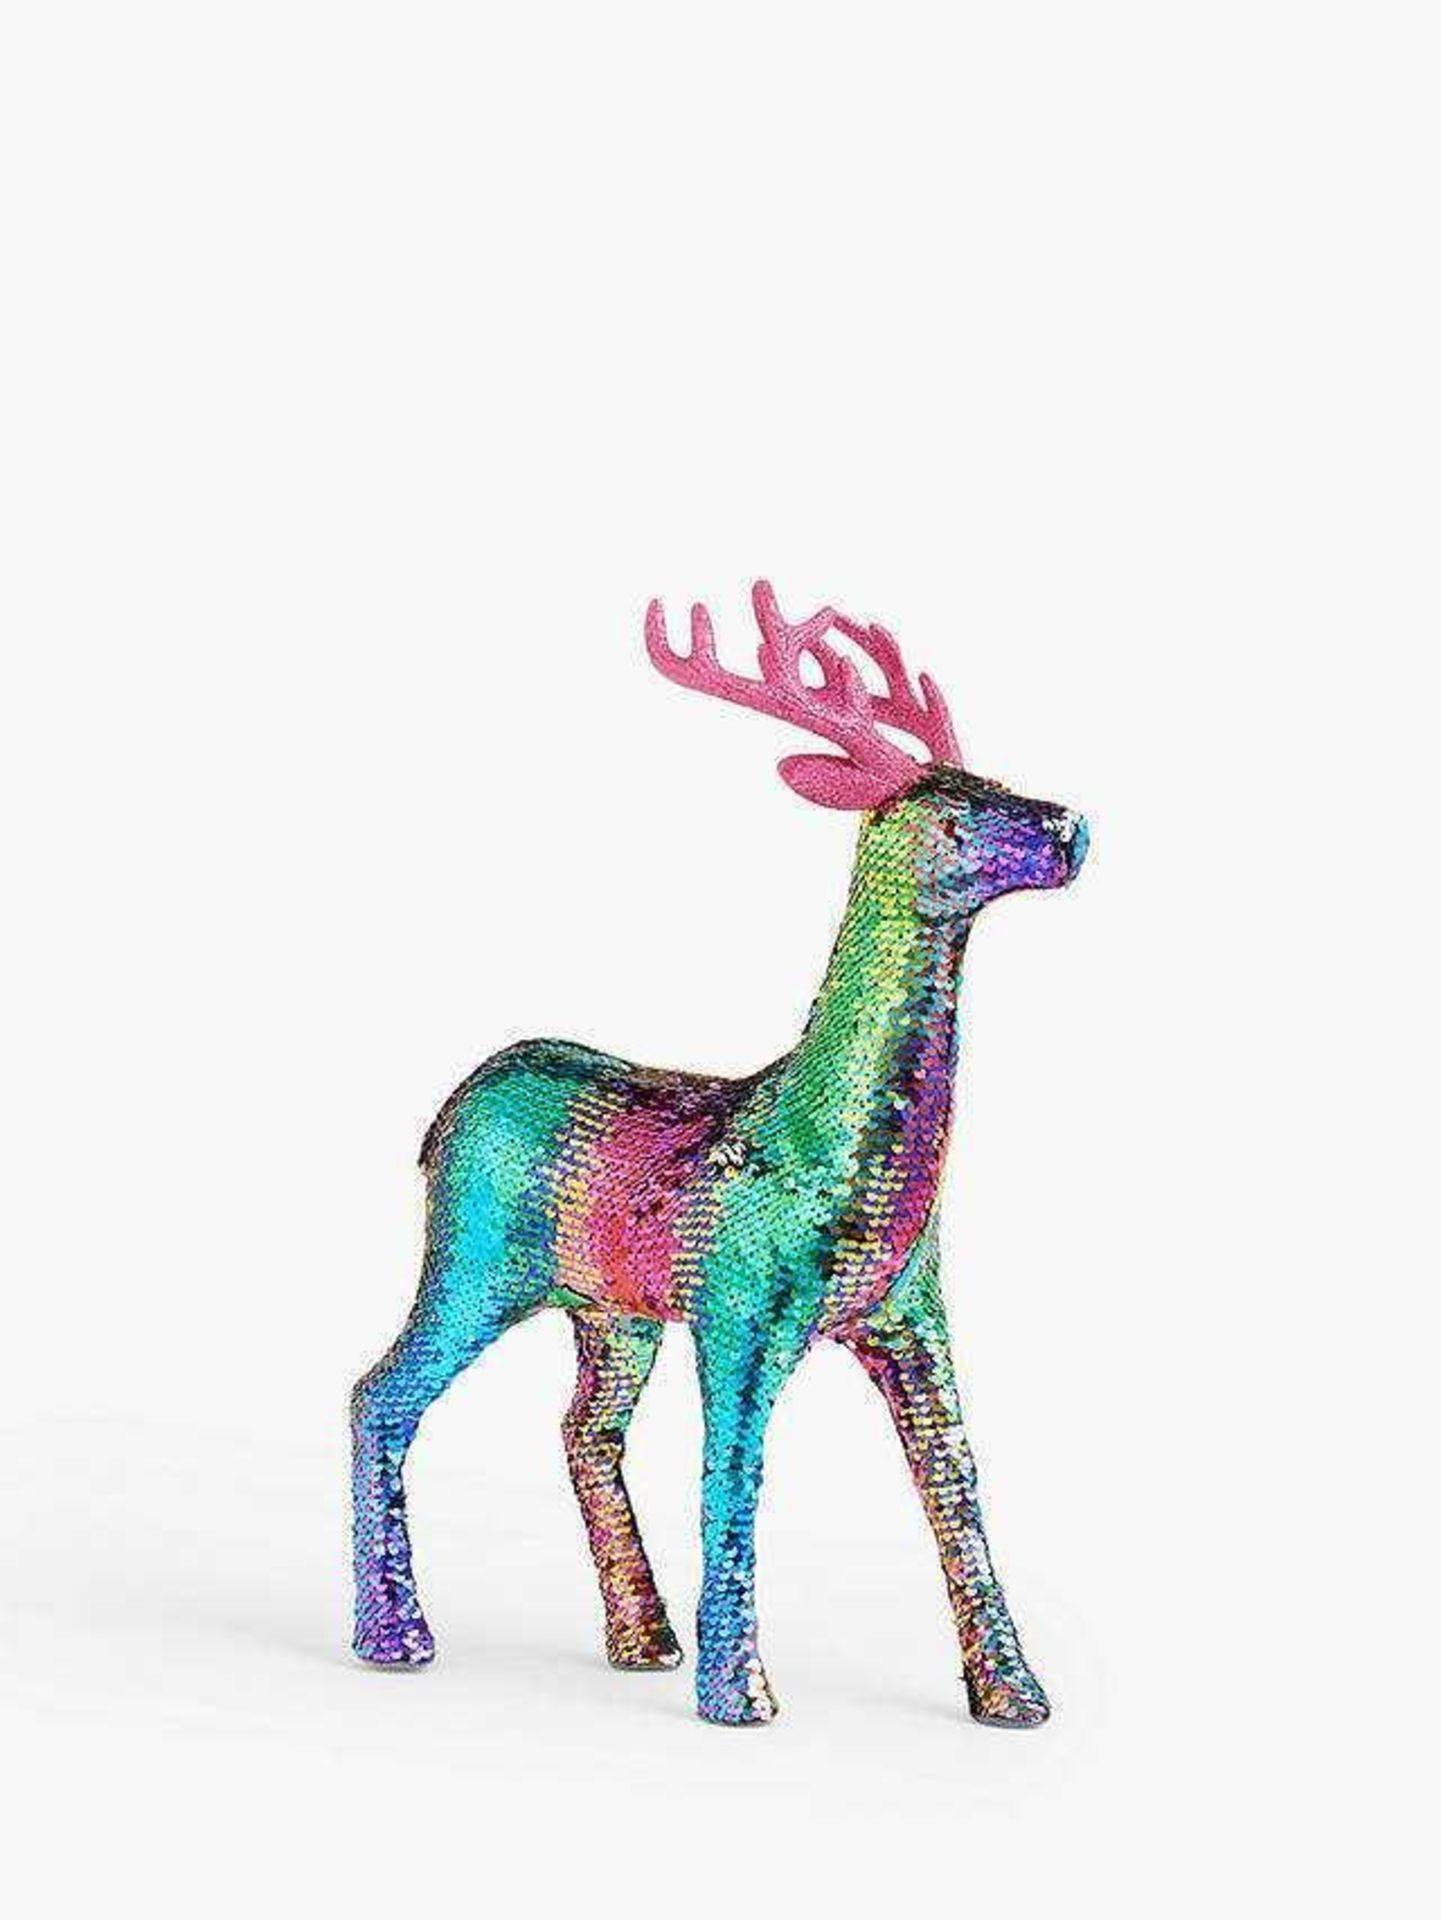 RRP £40 Unboxed John Lewis Pop Art Rainbow Sequin Deer Figure